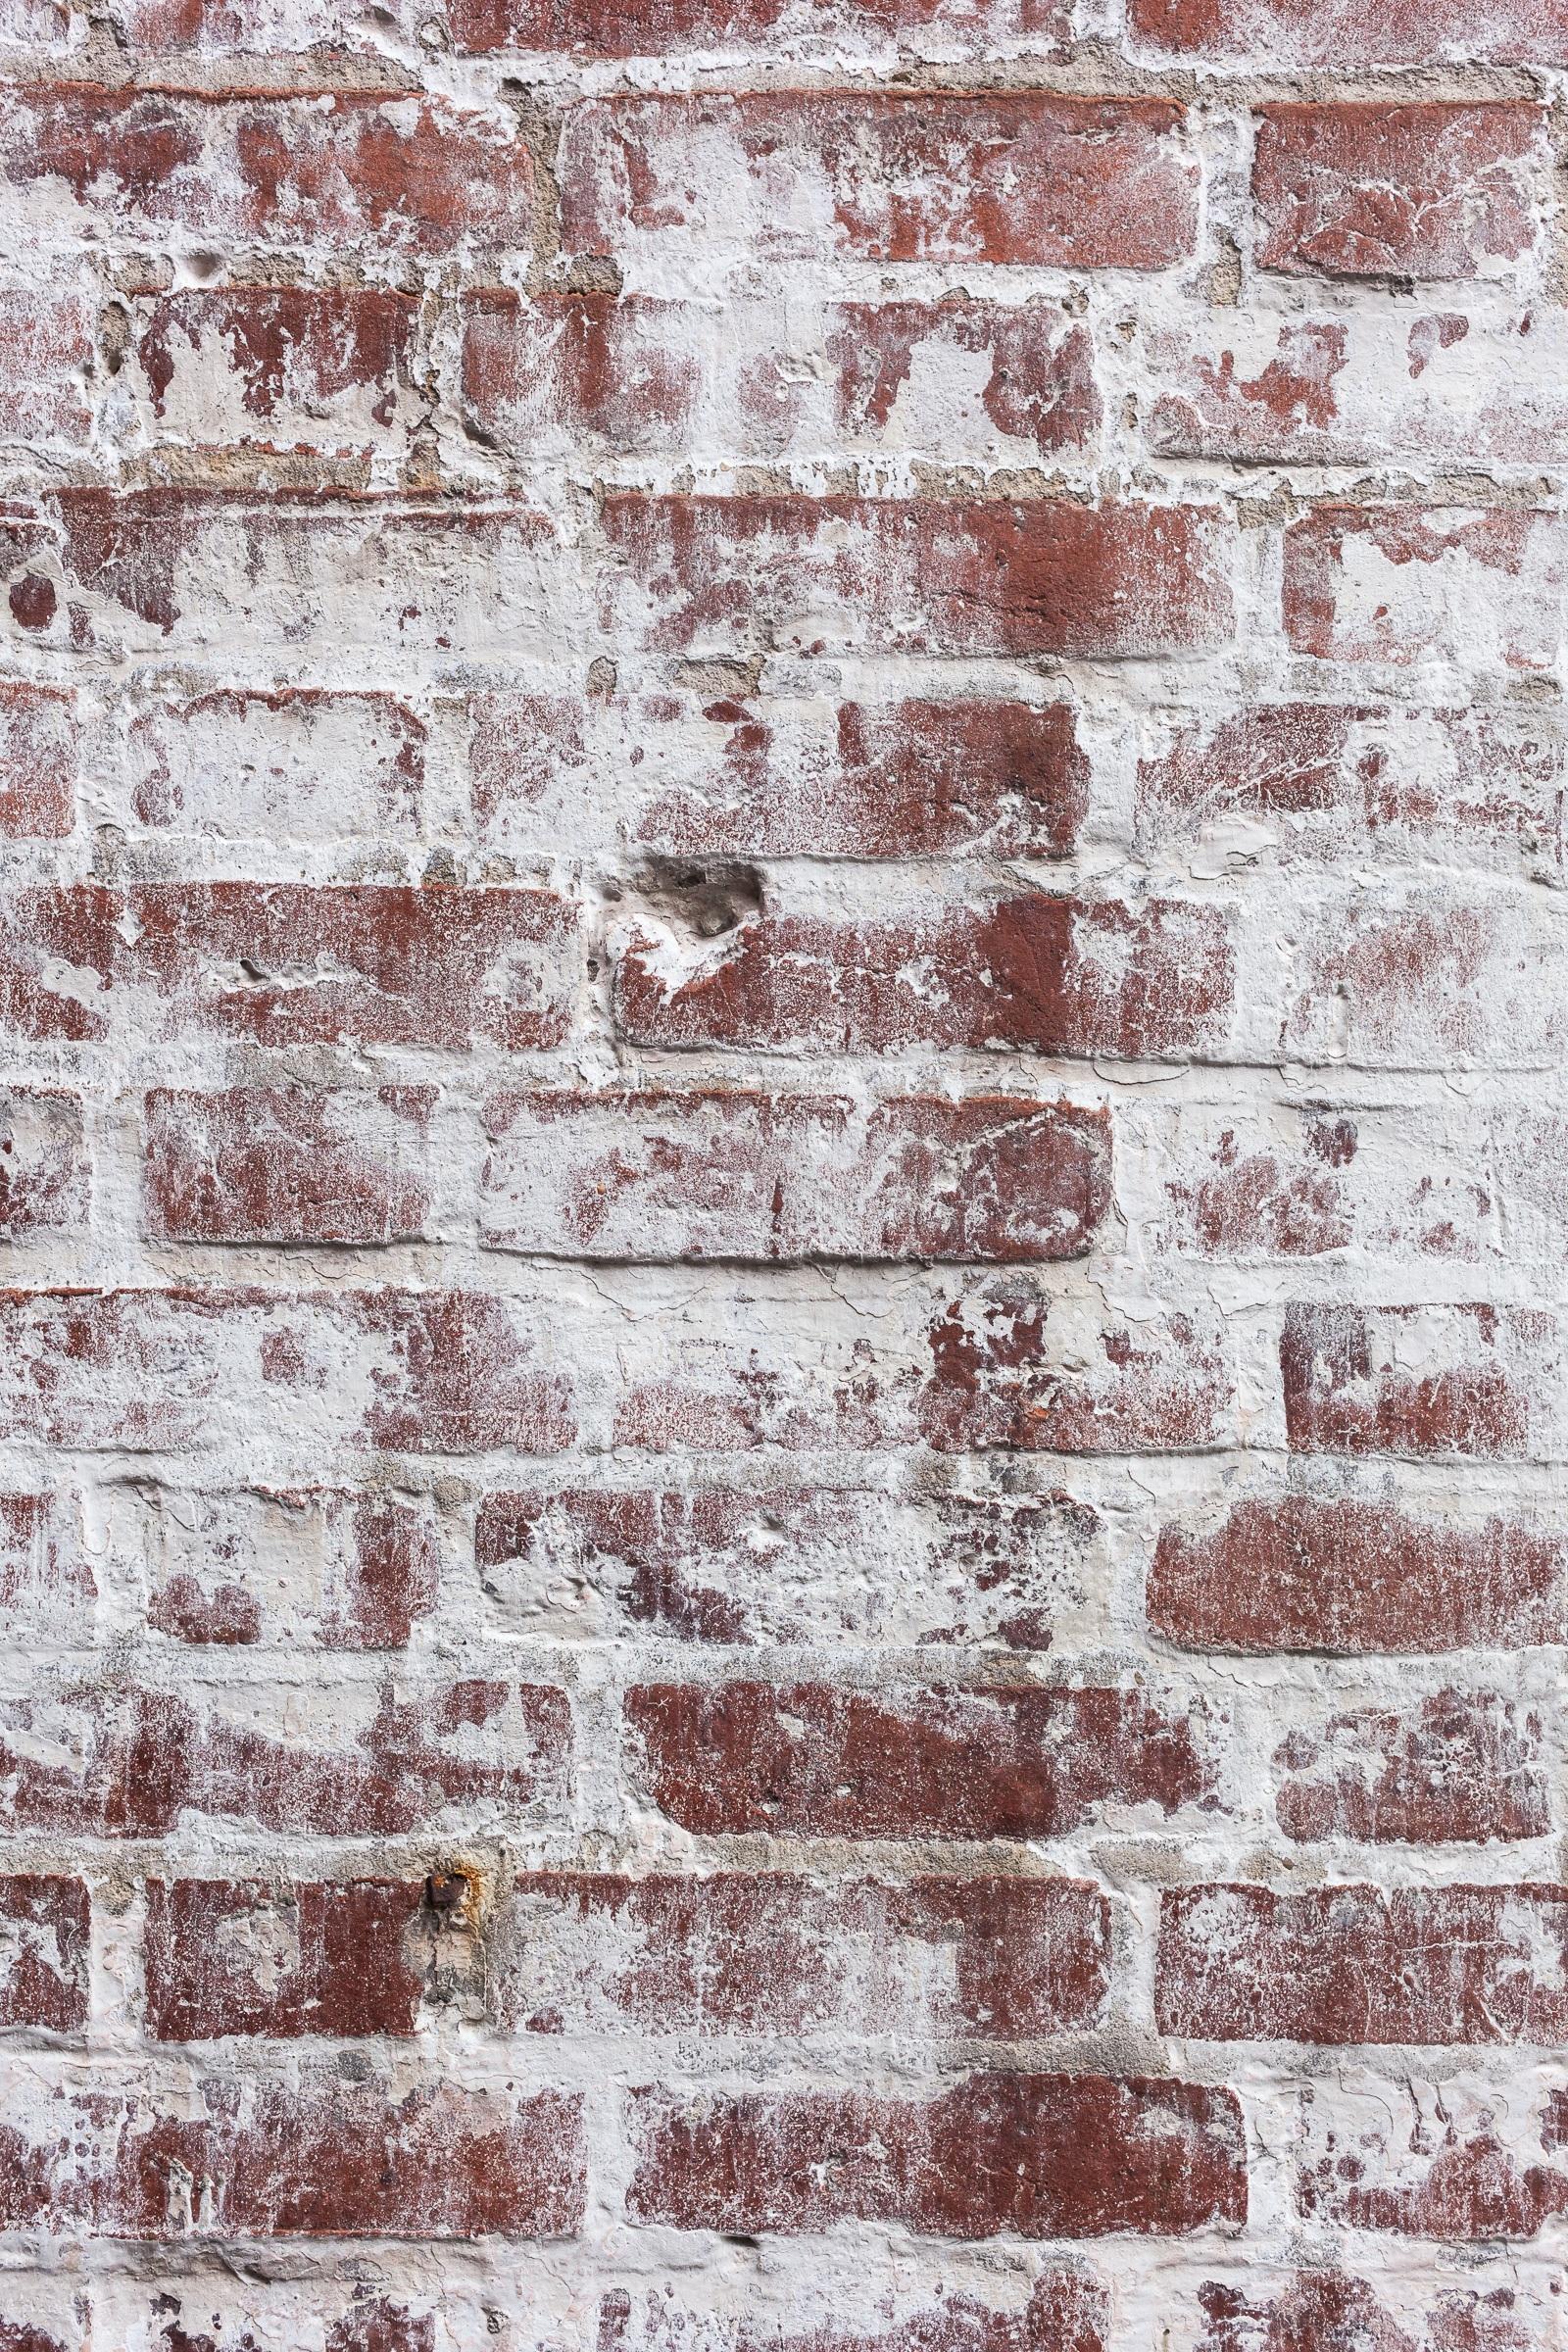 Peindre Un Mur De Brique images gratuites : blanc, texture, sol, vieux, ville, urbain